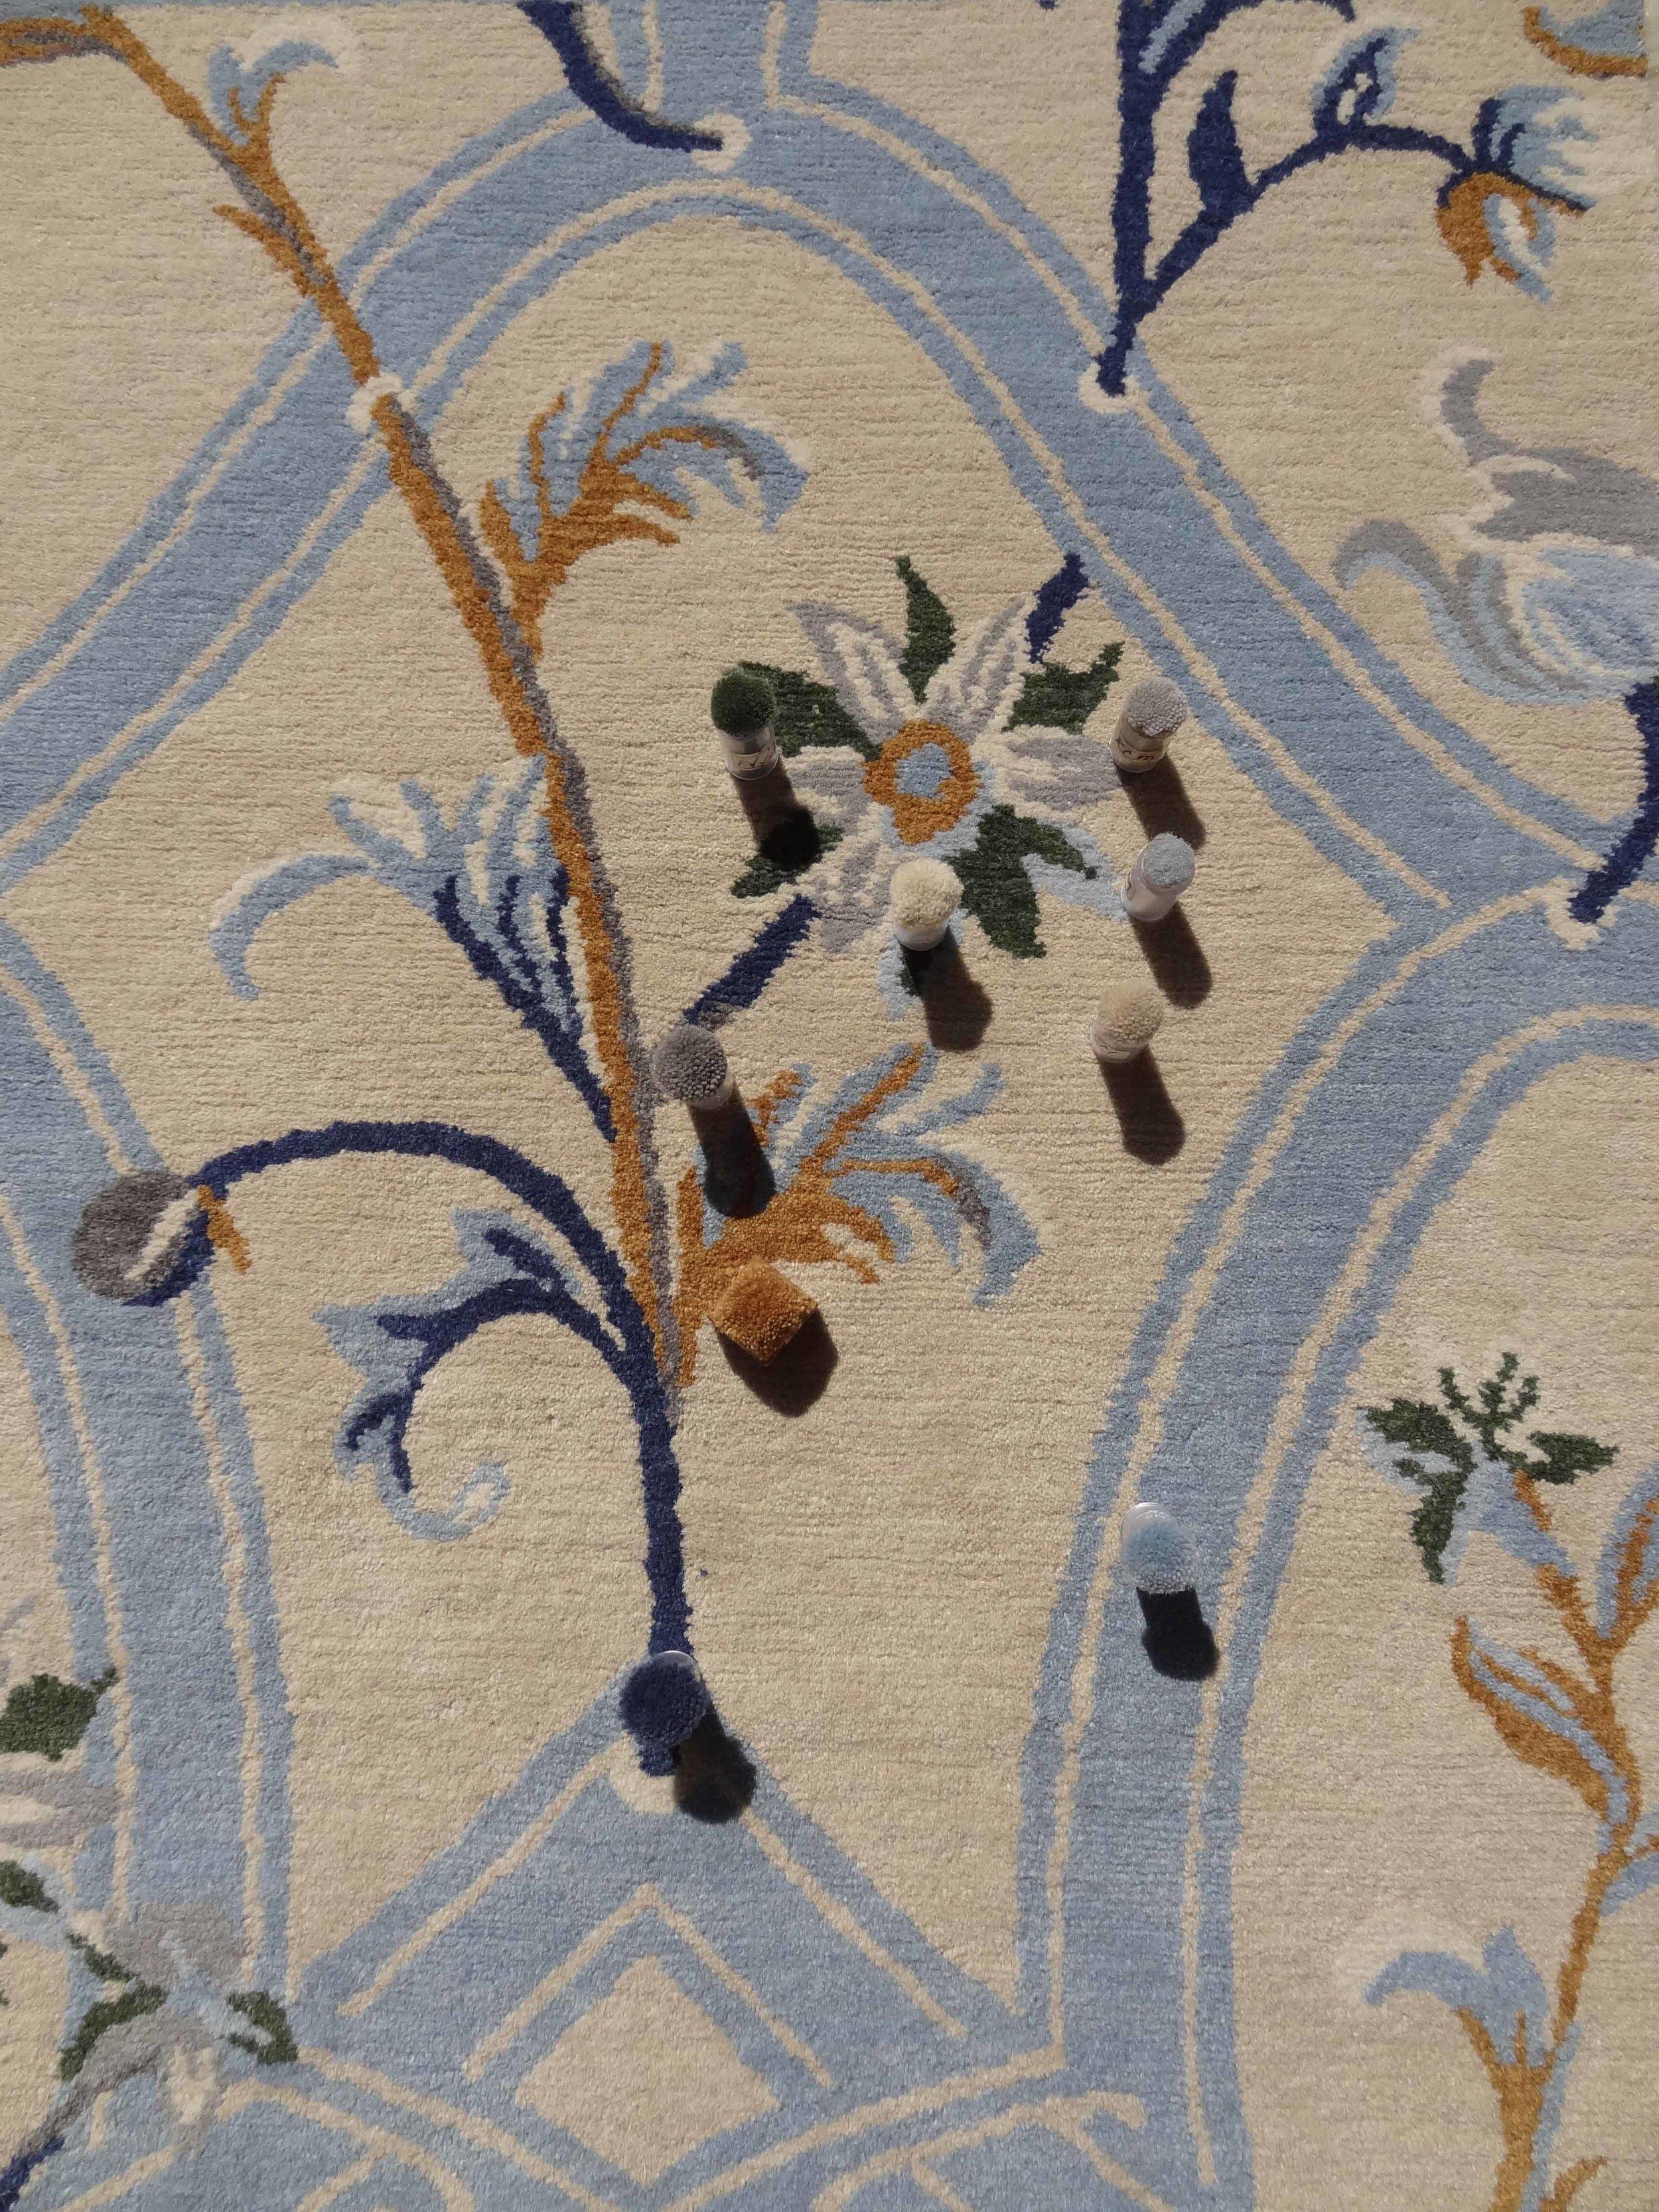 Trellis Vines, 60x90 cm, 3841 S, 100 Knots, Comparison.jpg